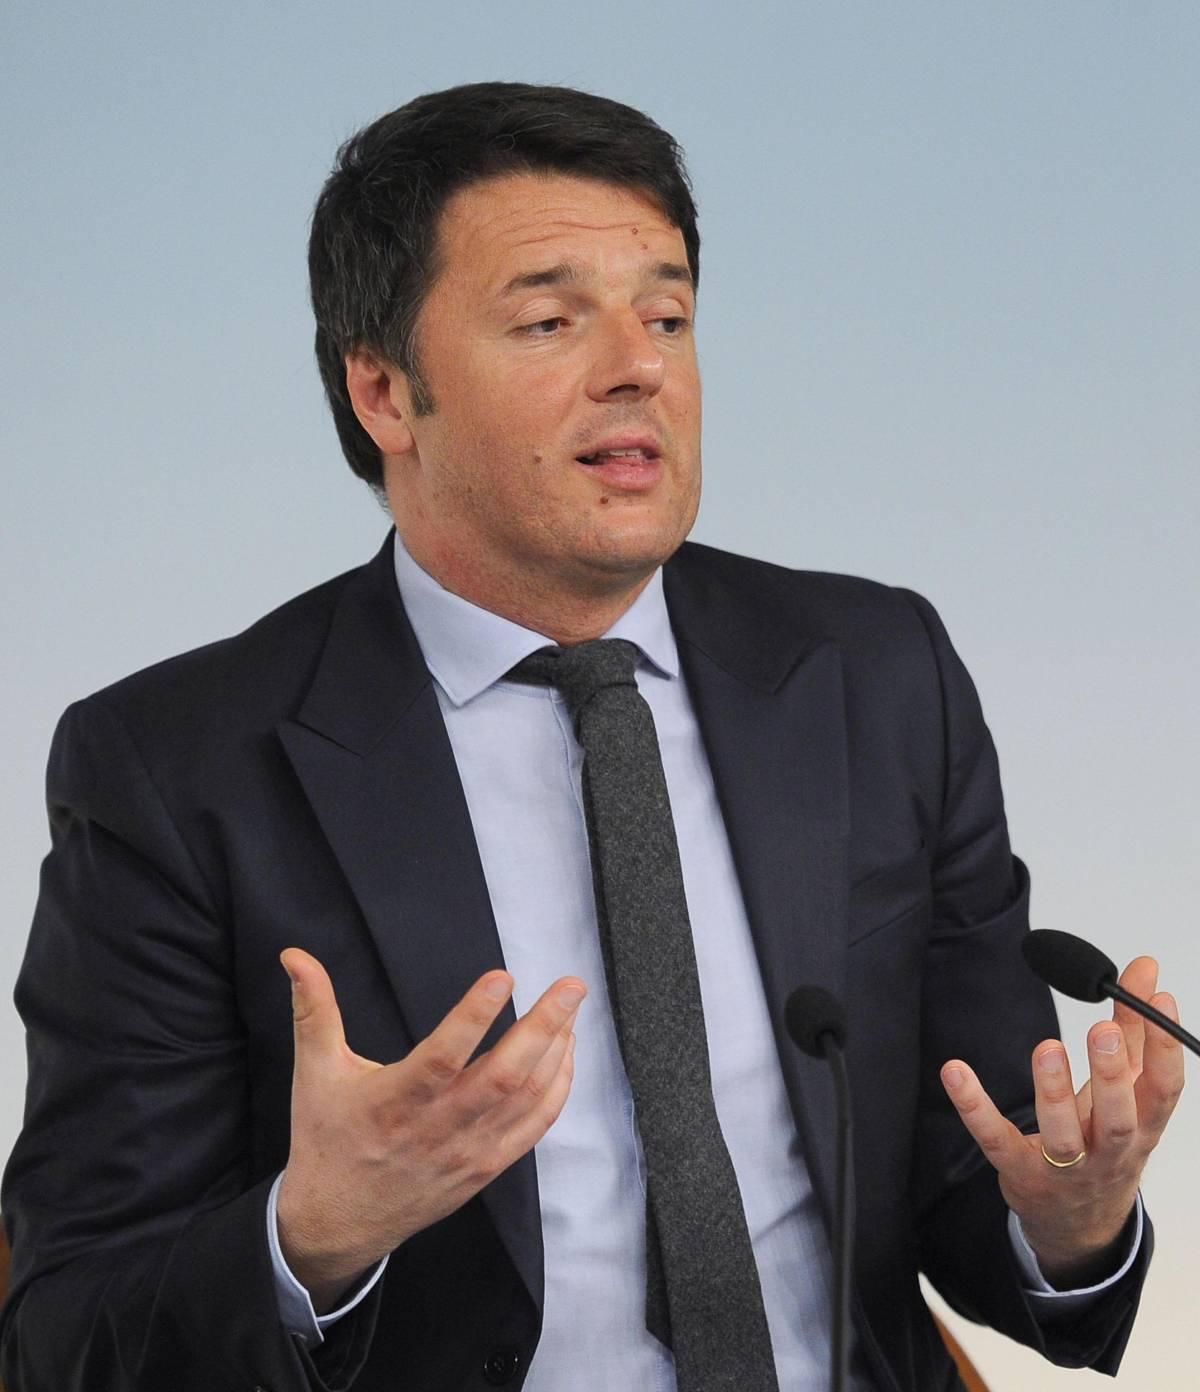 """Renzi: """"Regioni spendano meglio al posto di lamentarsi"""""""